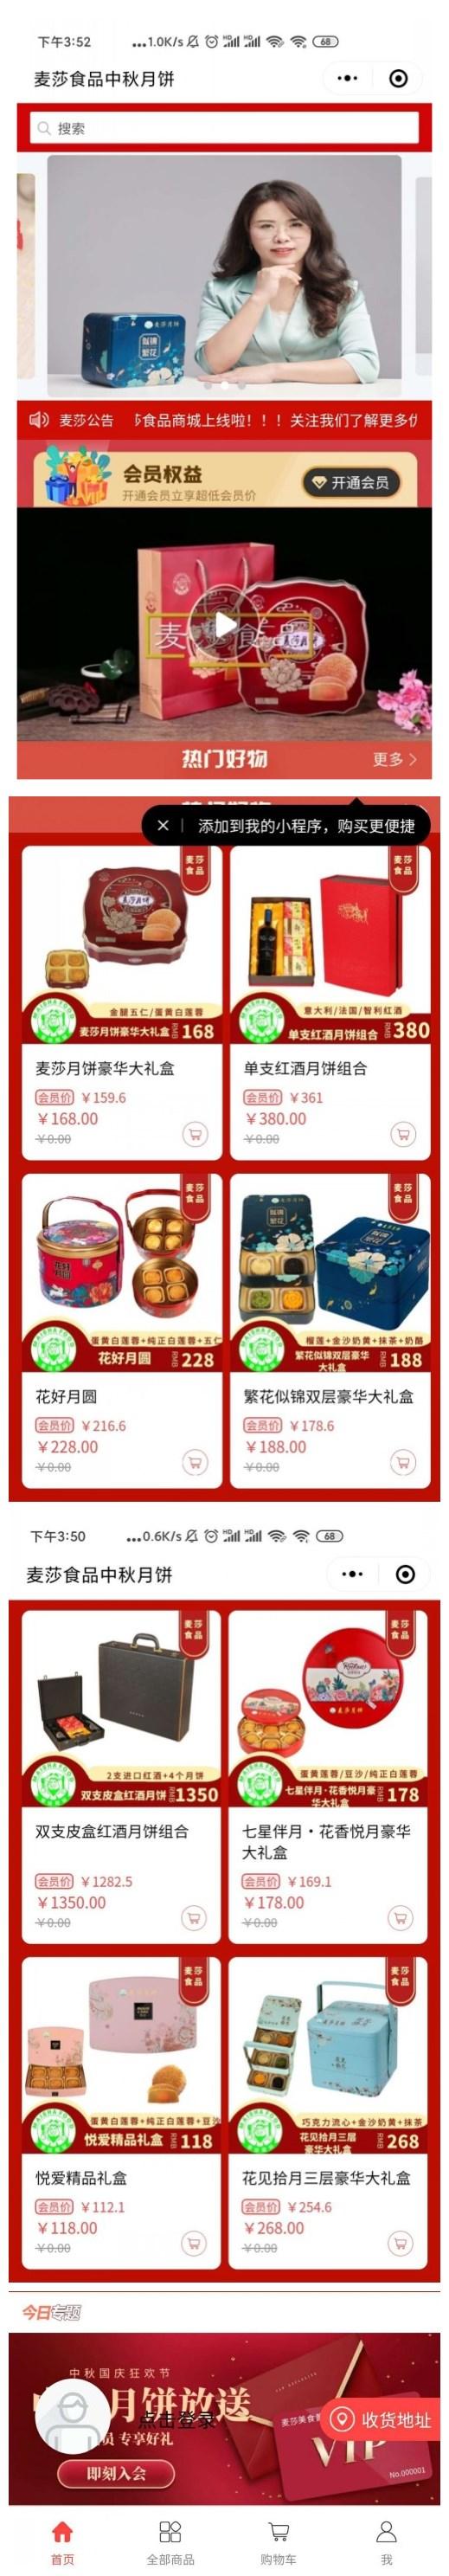 惠州砍價小程序